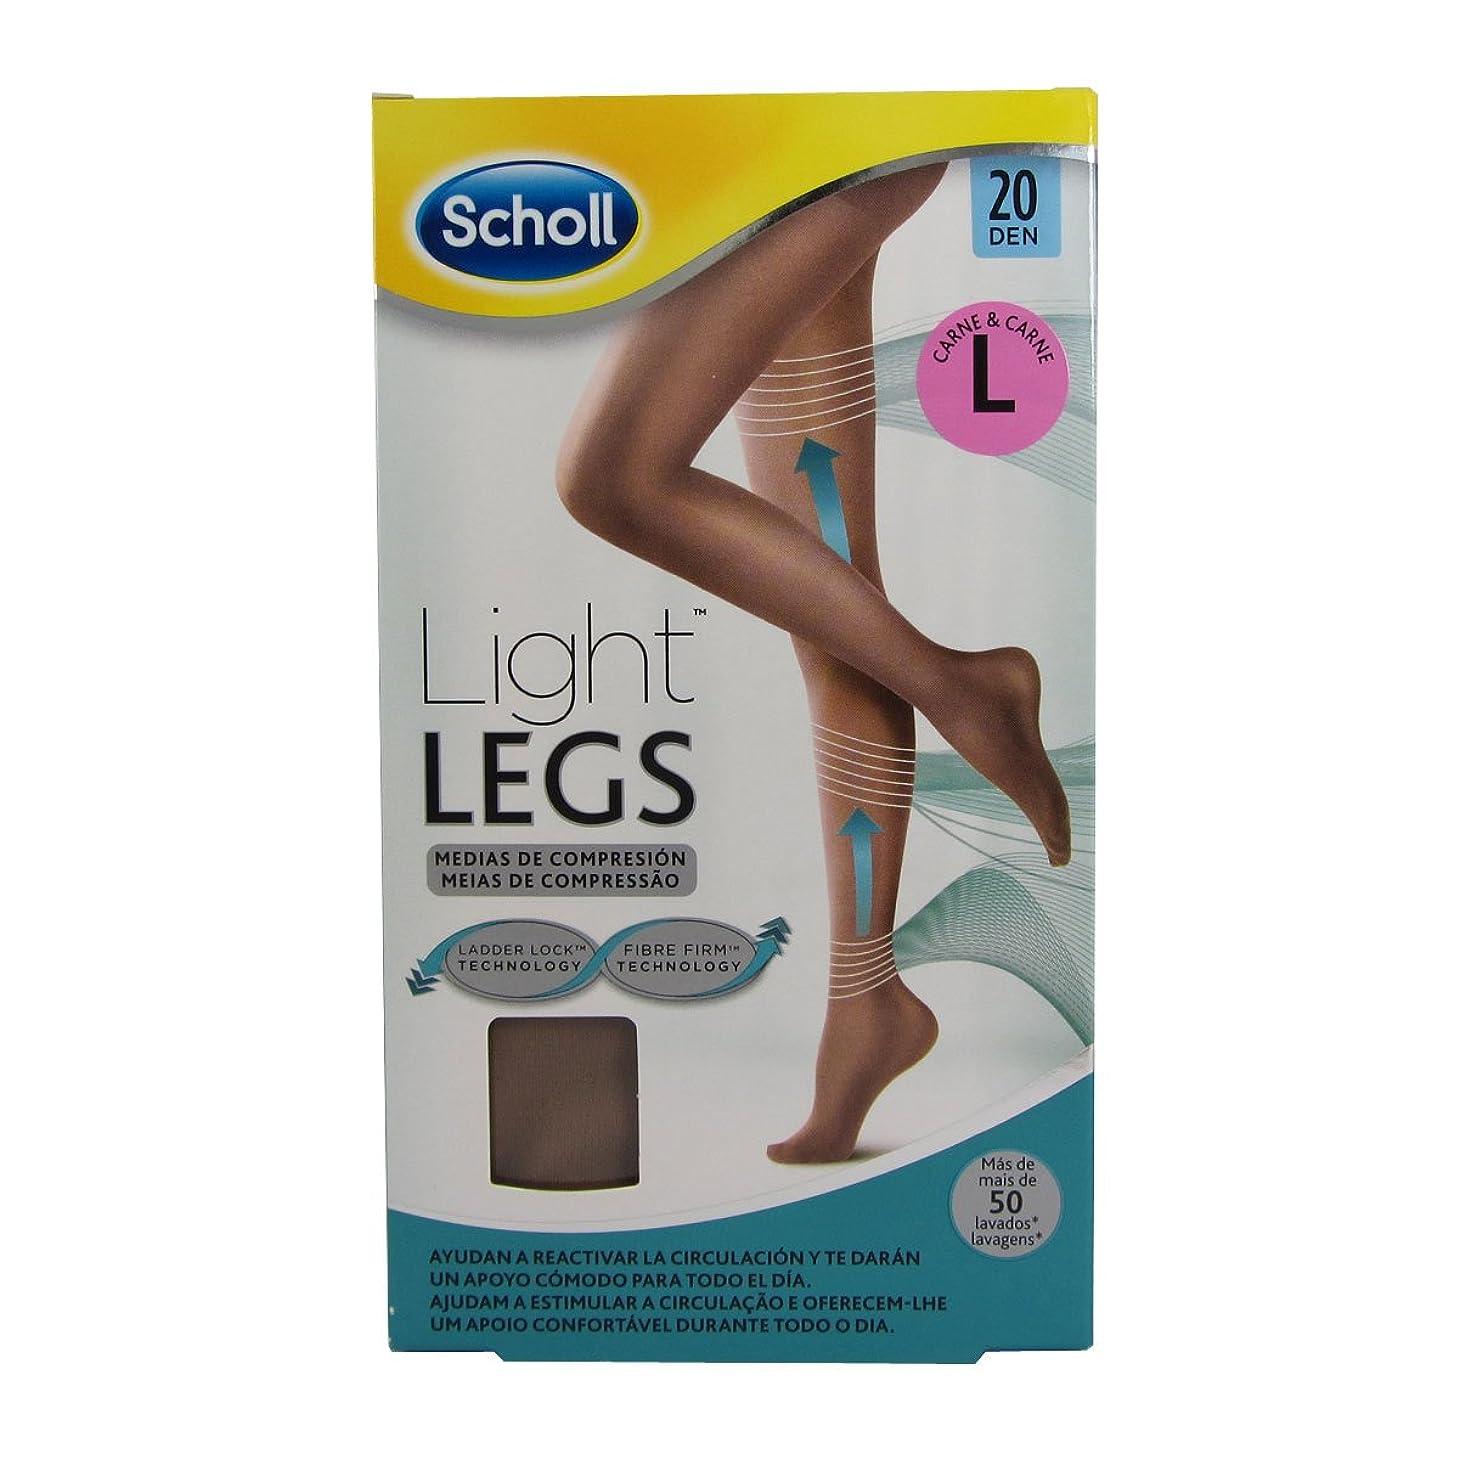 引き付ける追う規則性Scholl Light Legs Compression Tights 20den Skin Large [並行輸入品]